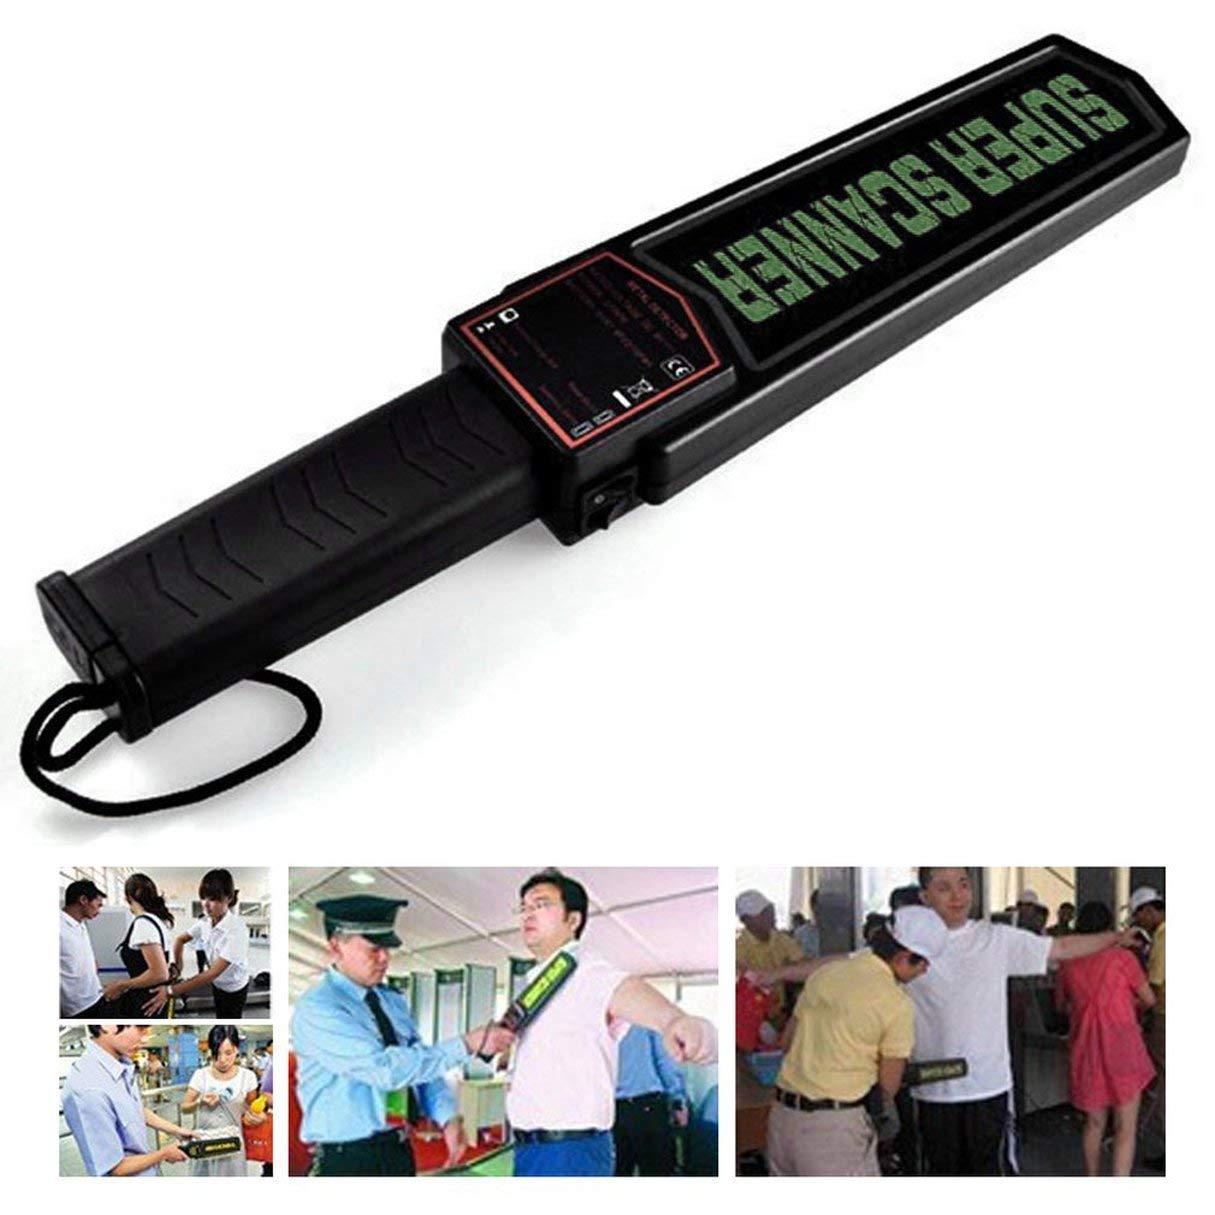 Detector de metales de mano, detector de metales portátil Seguridad Detector de metales de mano Alarma y vibración MD3003B1 Super Scanner Bomb Detector de ...